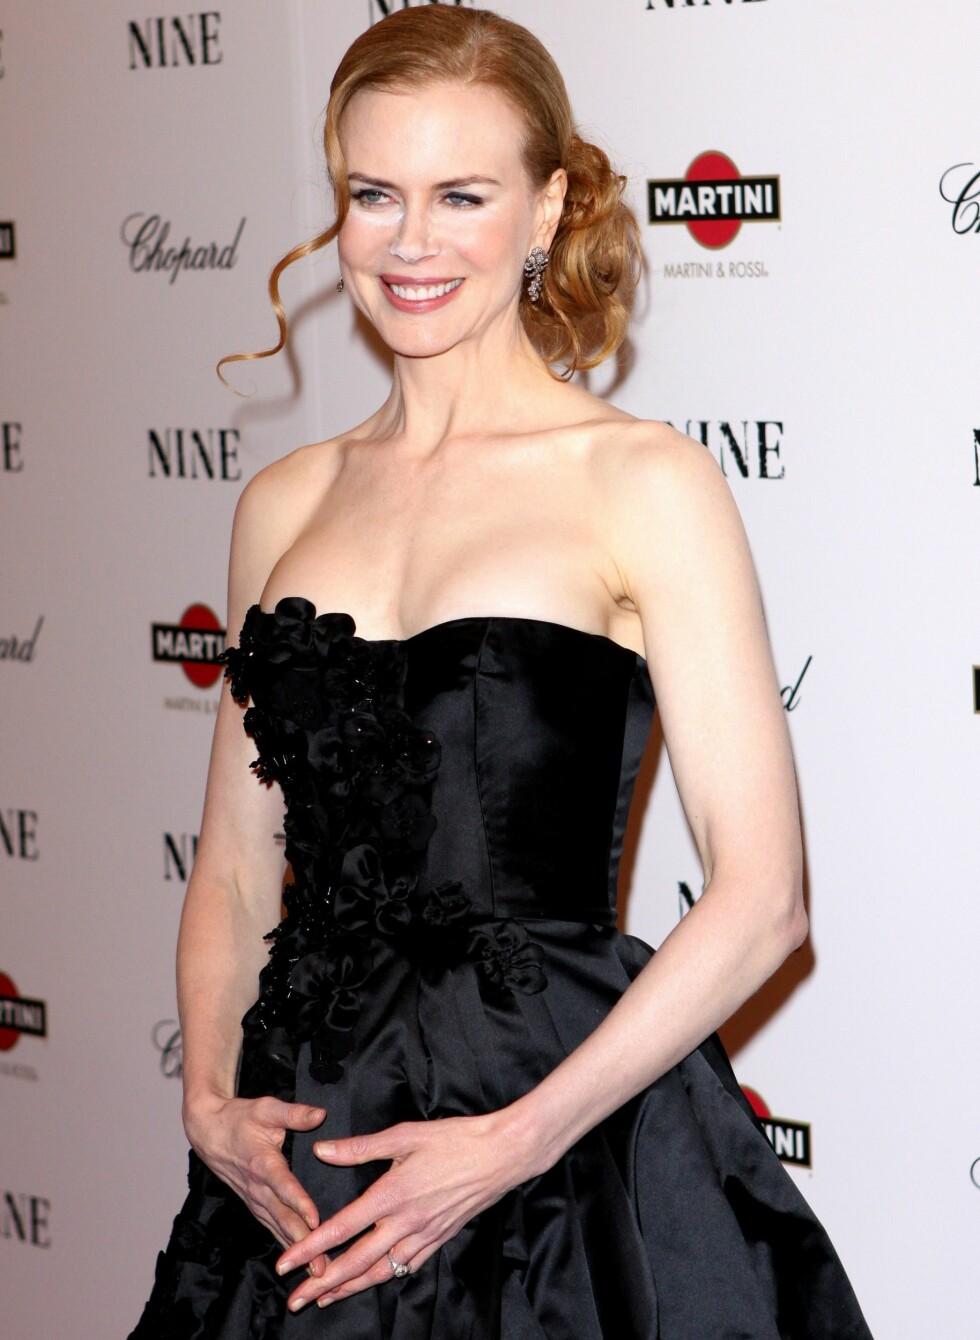 Nicole Kidman har bodd både i Australia og på Honolulu, men ser ut til å alltid ha hatt solkrem med høy faktor i veska. Den bleke huden har blitt hennes varemerke.   Foto: All Over Press